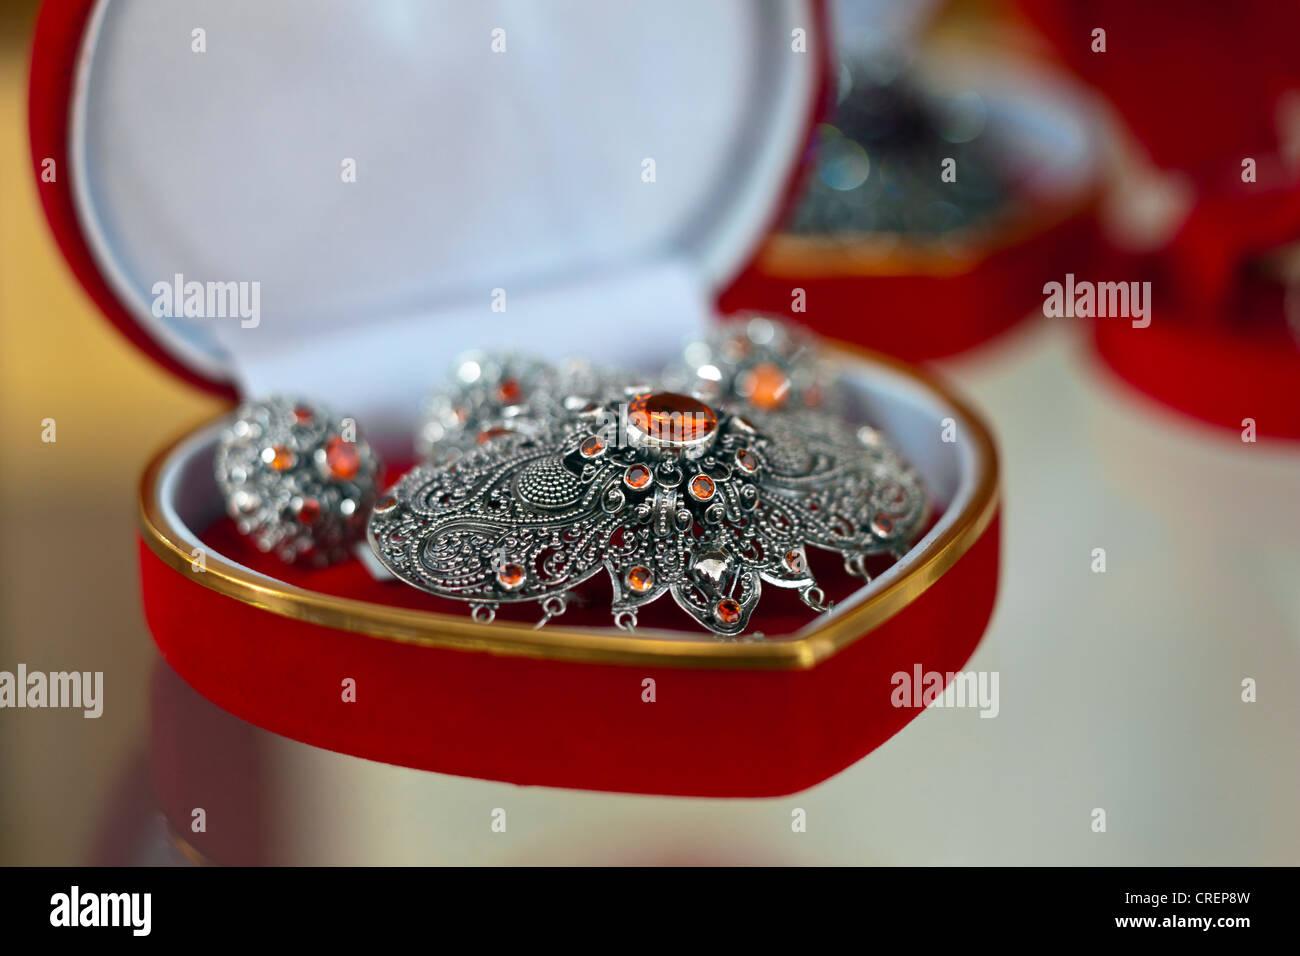 Des bijoux en argent en vente dans une boîte en forme de cœur, Bali, 443a62c00da0